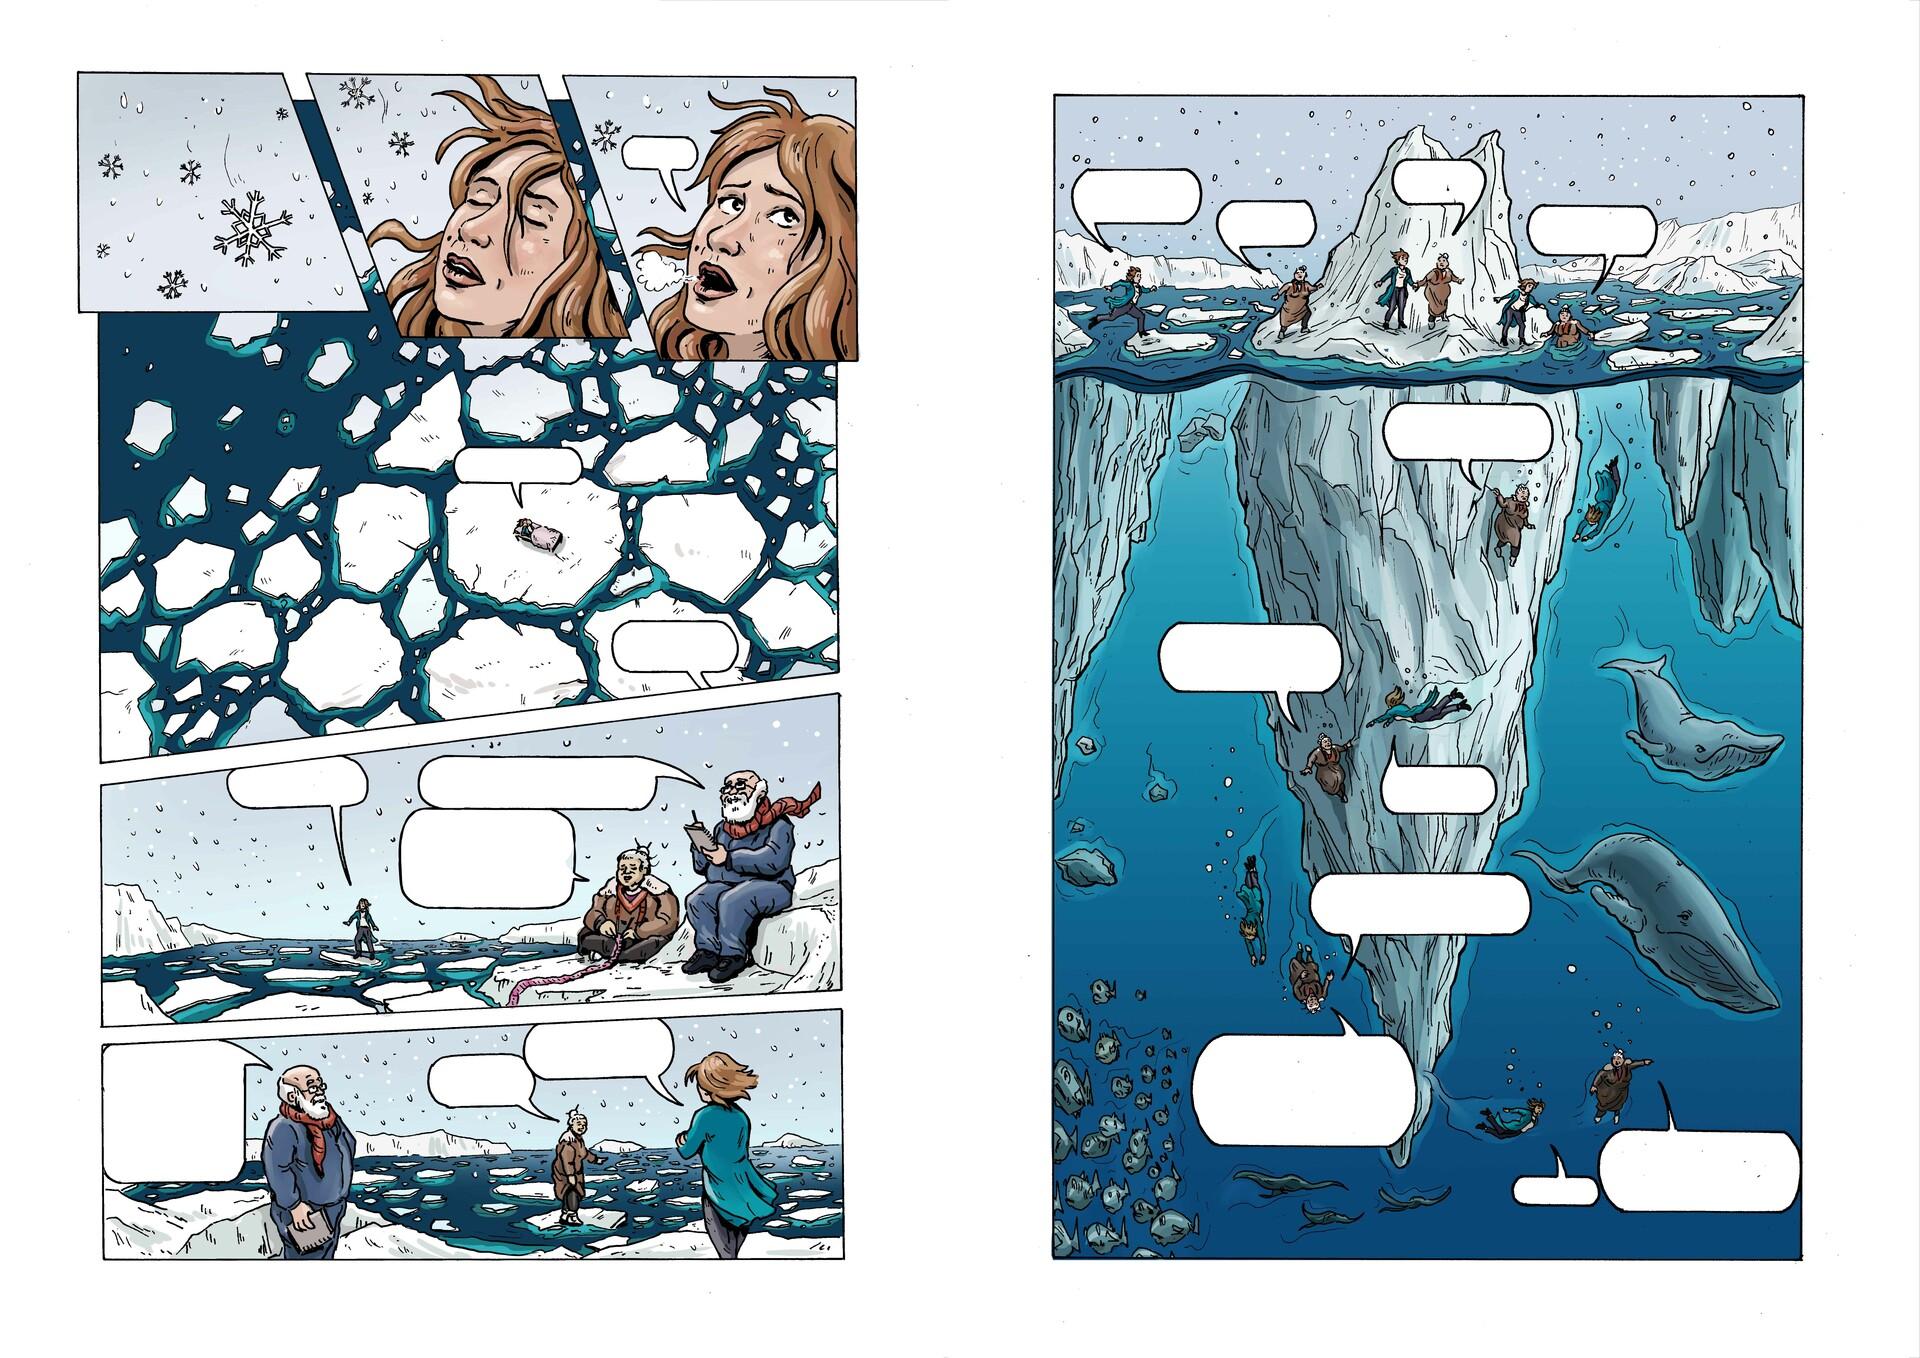 Nicolas rivero page16 17 color kl